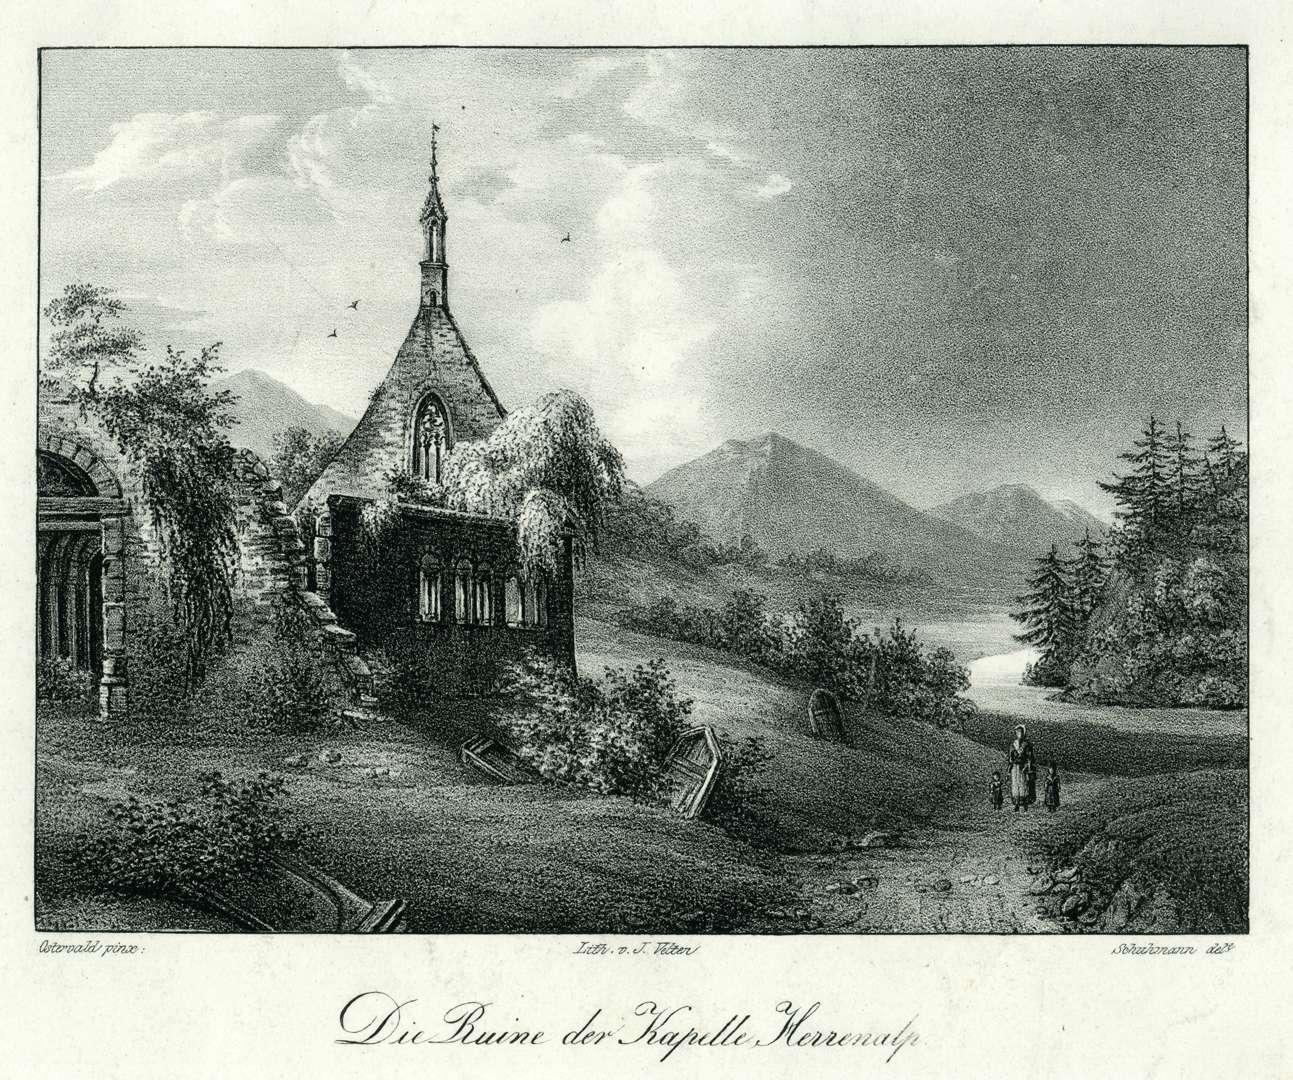 Die Ruine der Kapelle Herrenalp, Bild 1